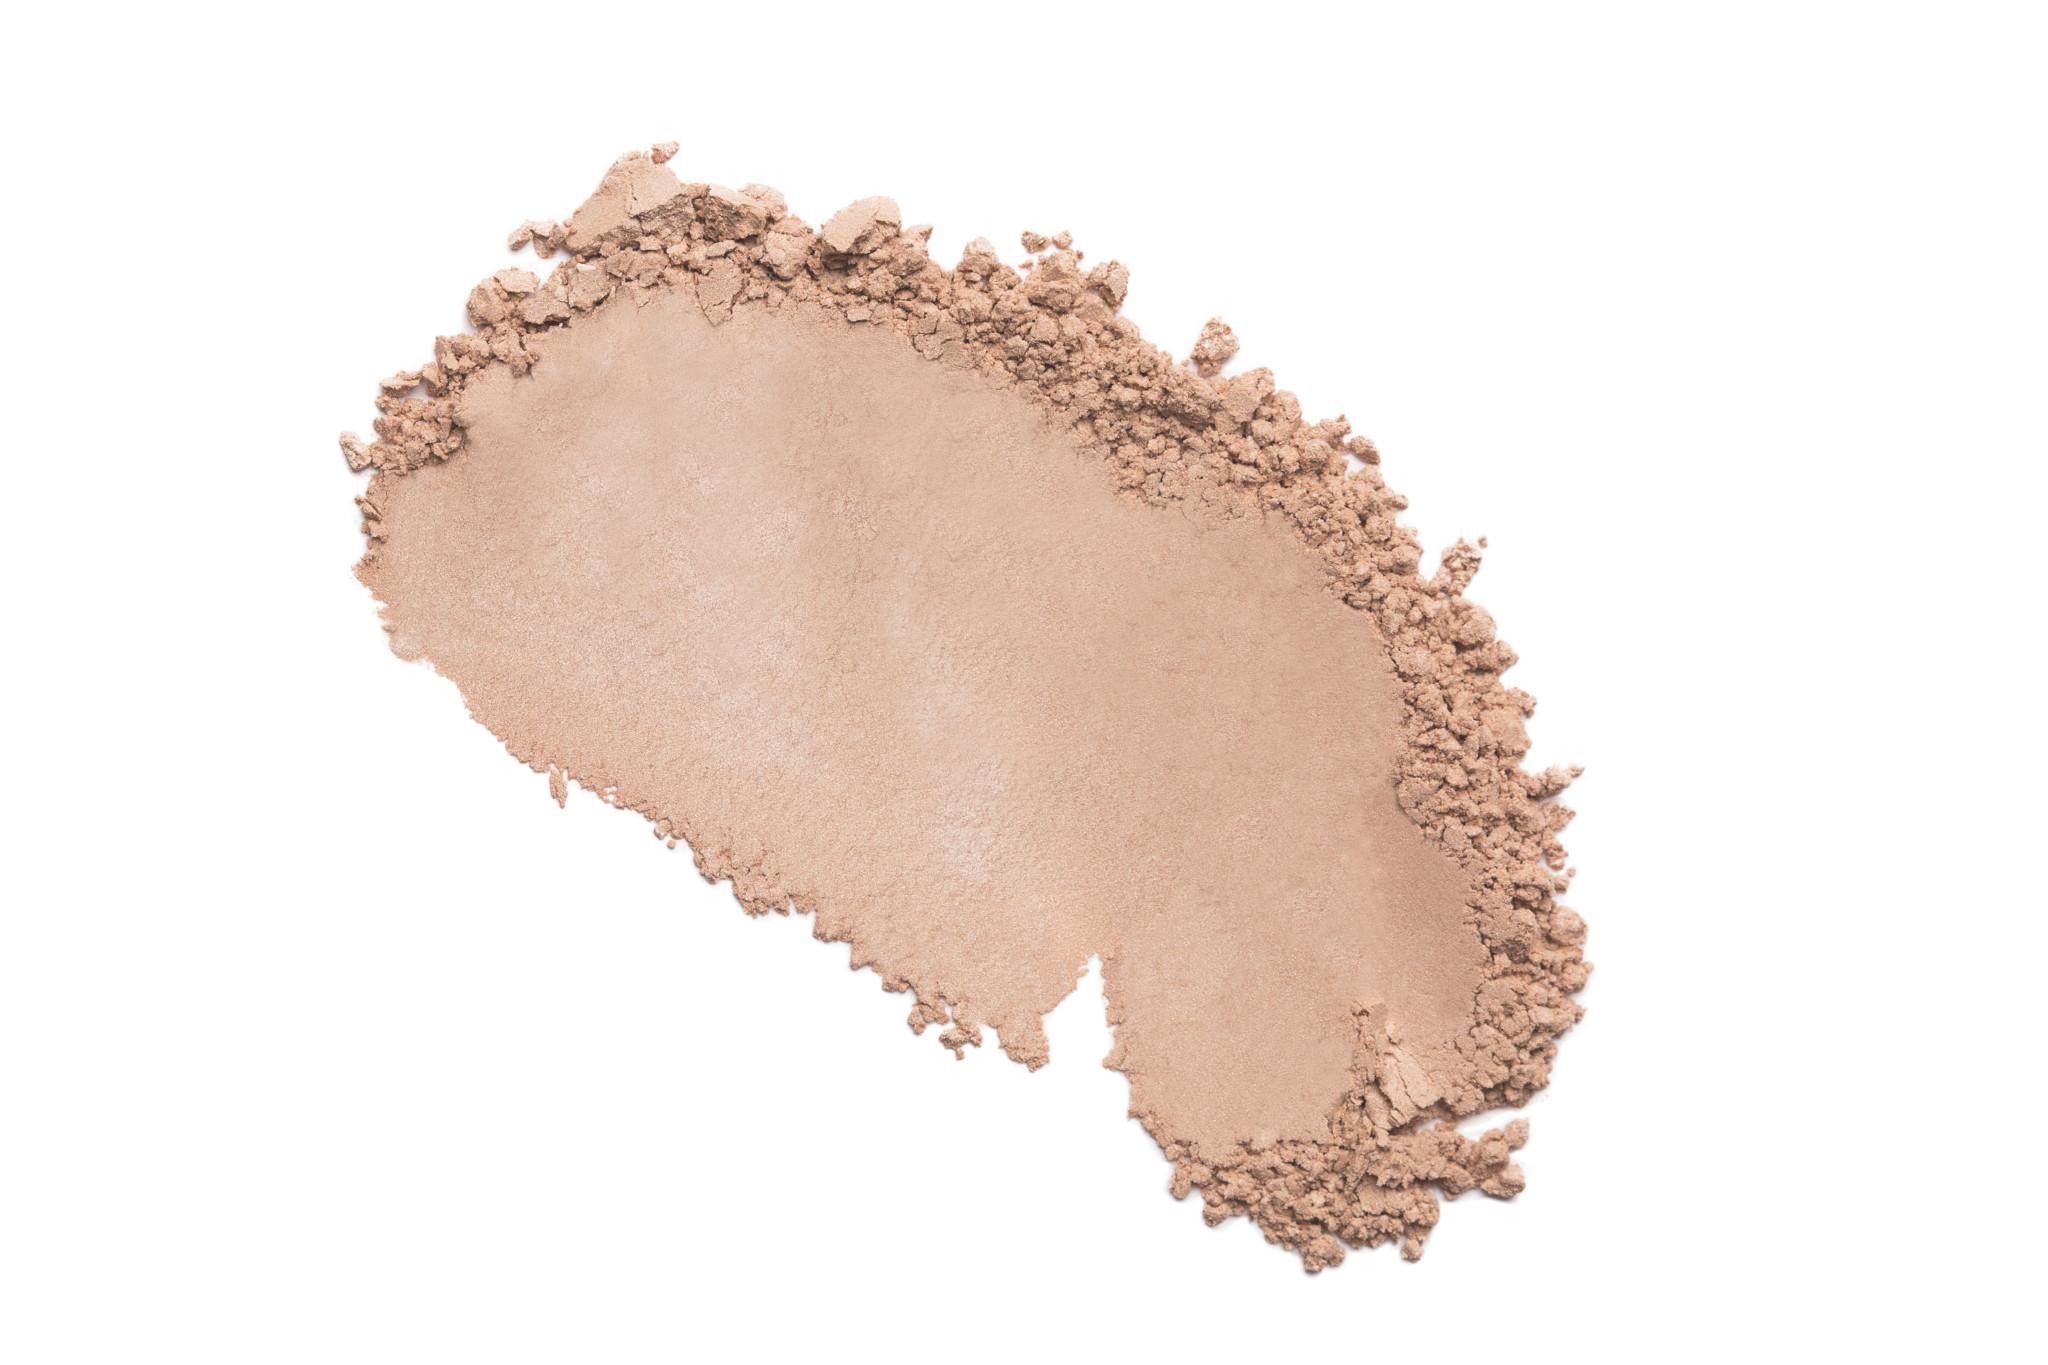 Olympia-Radiant-Finishing-Powder-Swatch-Alima-Pure